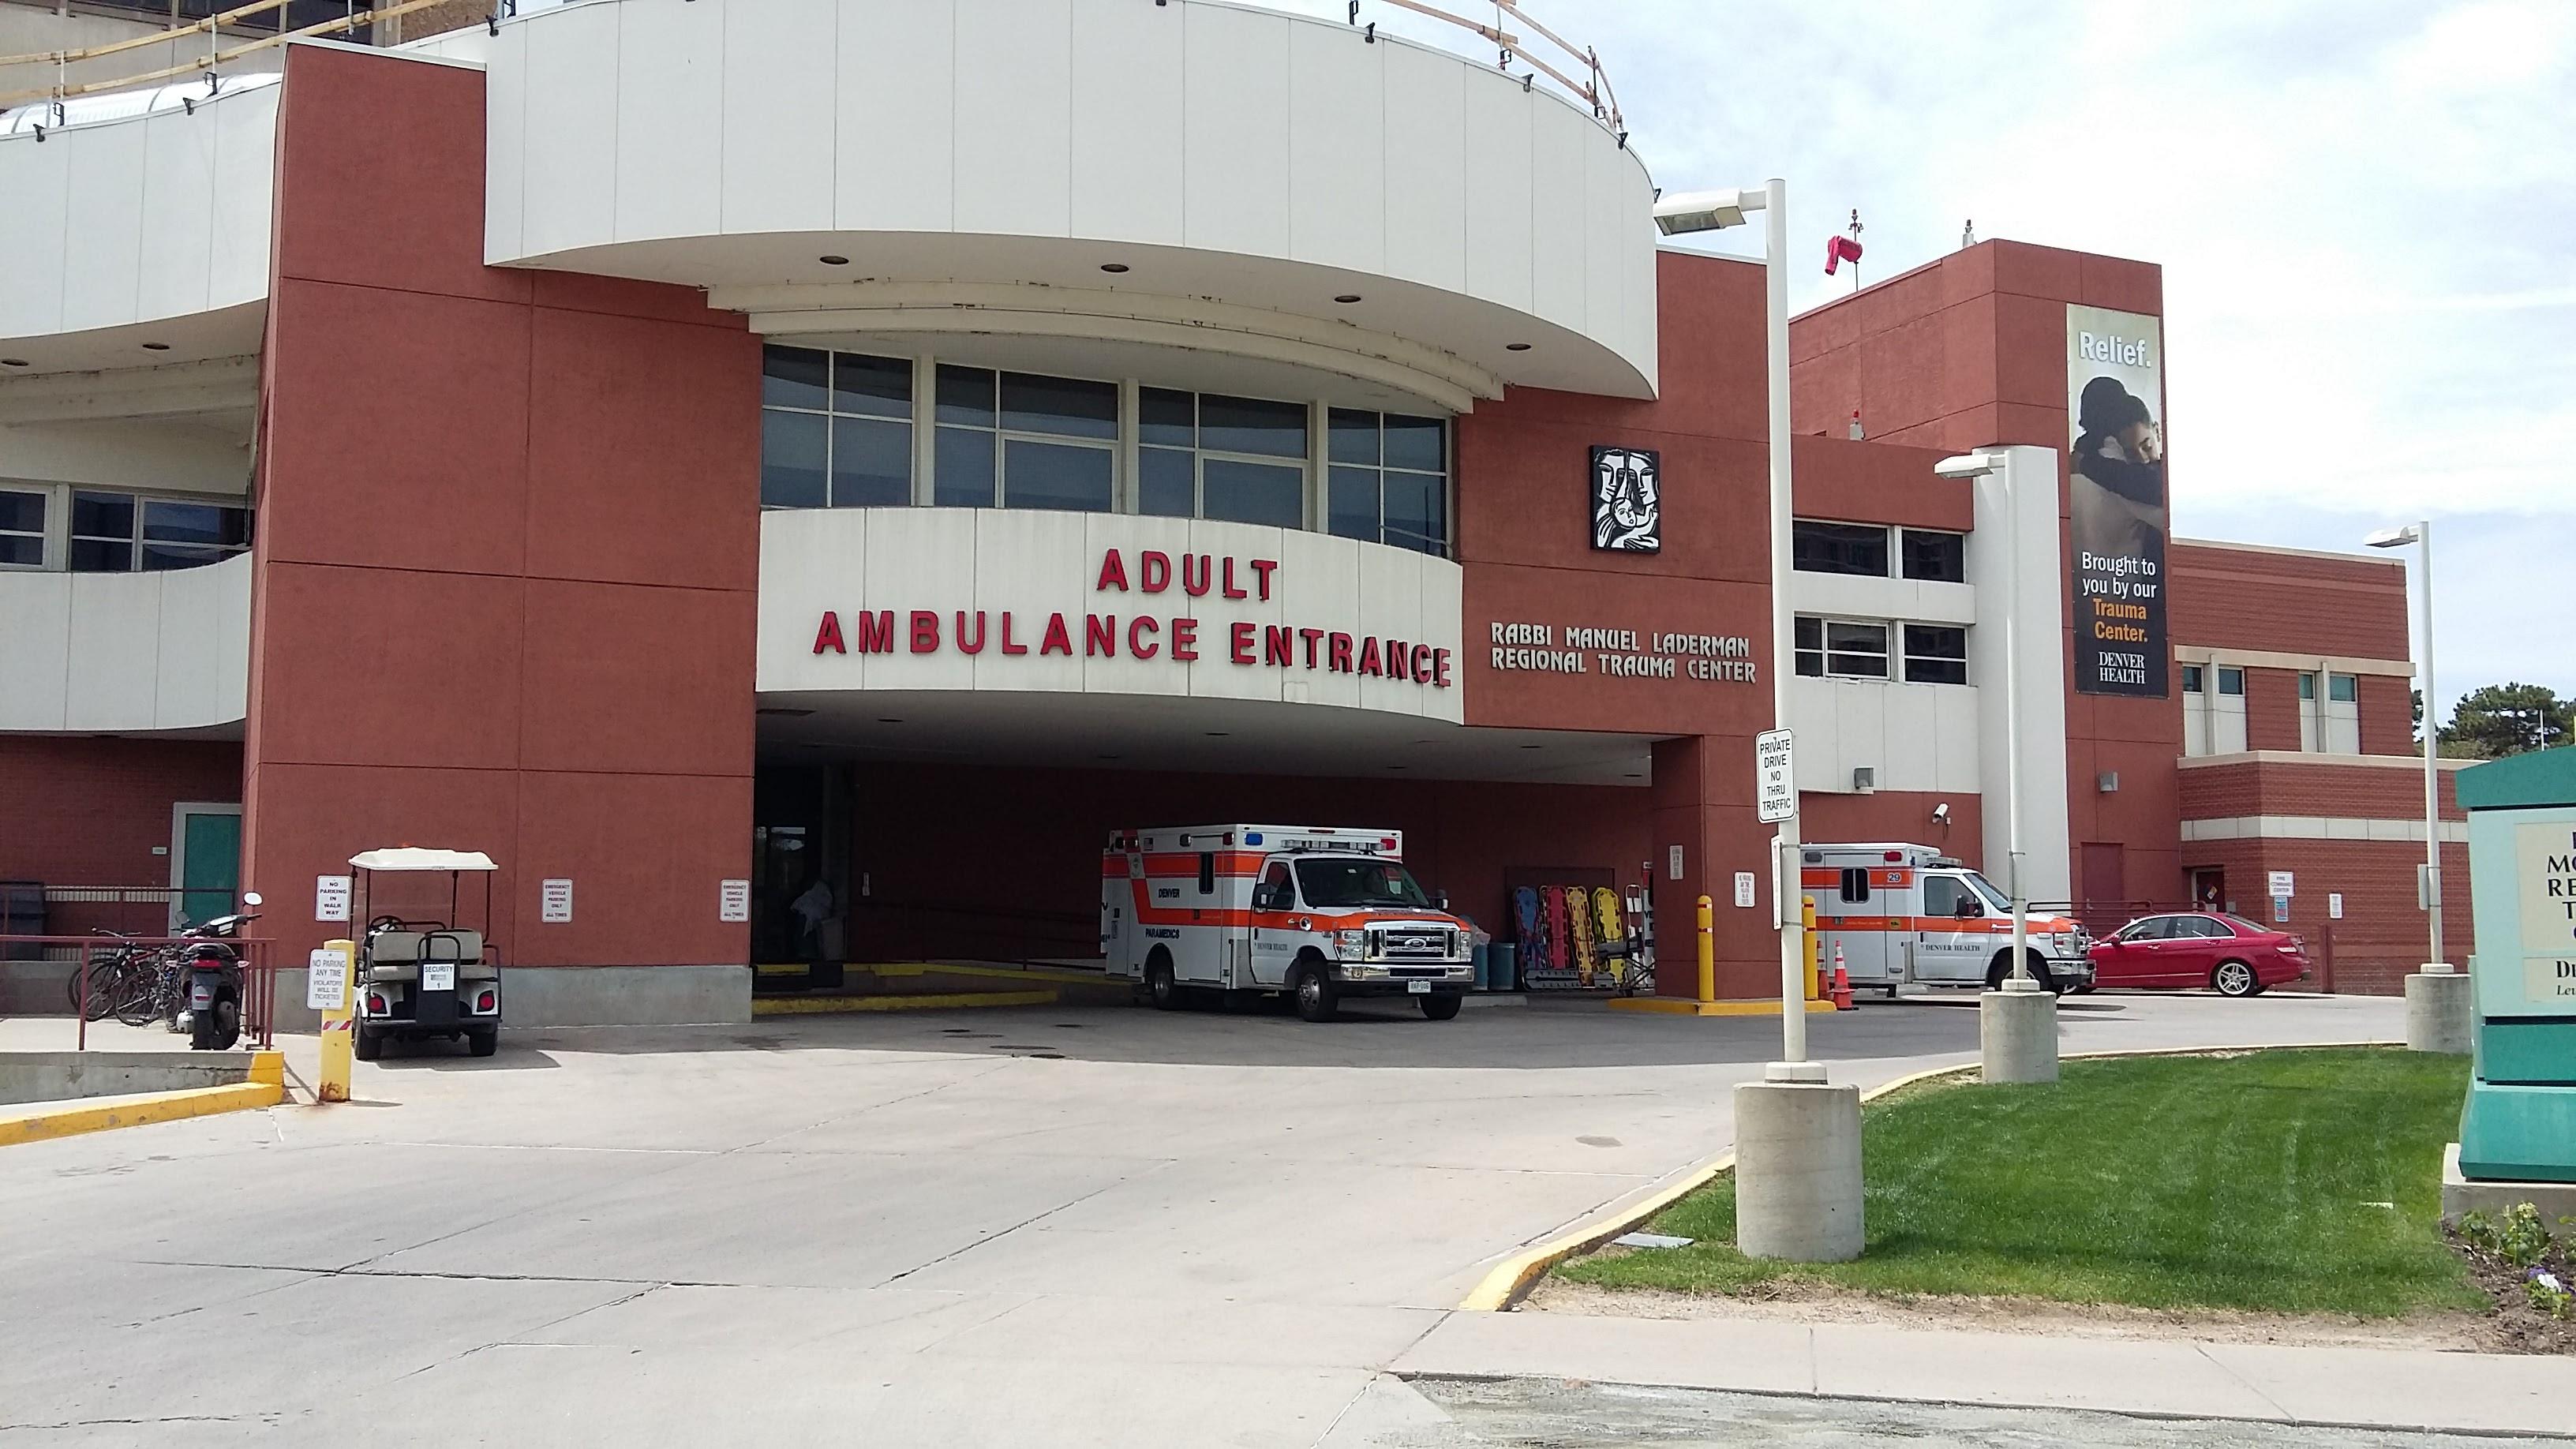 File:Adult Ambulance Entrance, Denver Health Medical ...